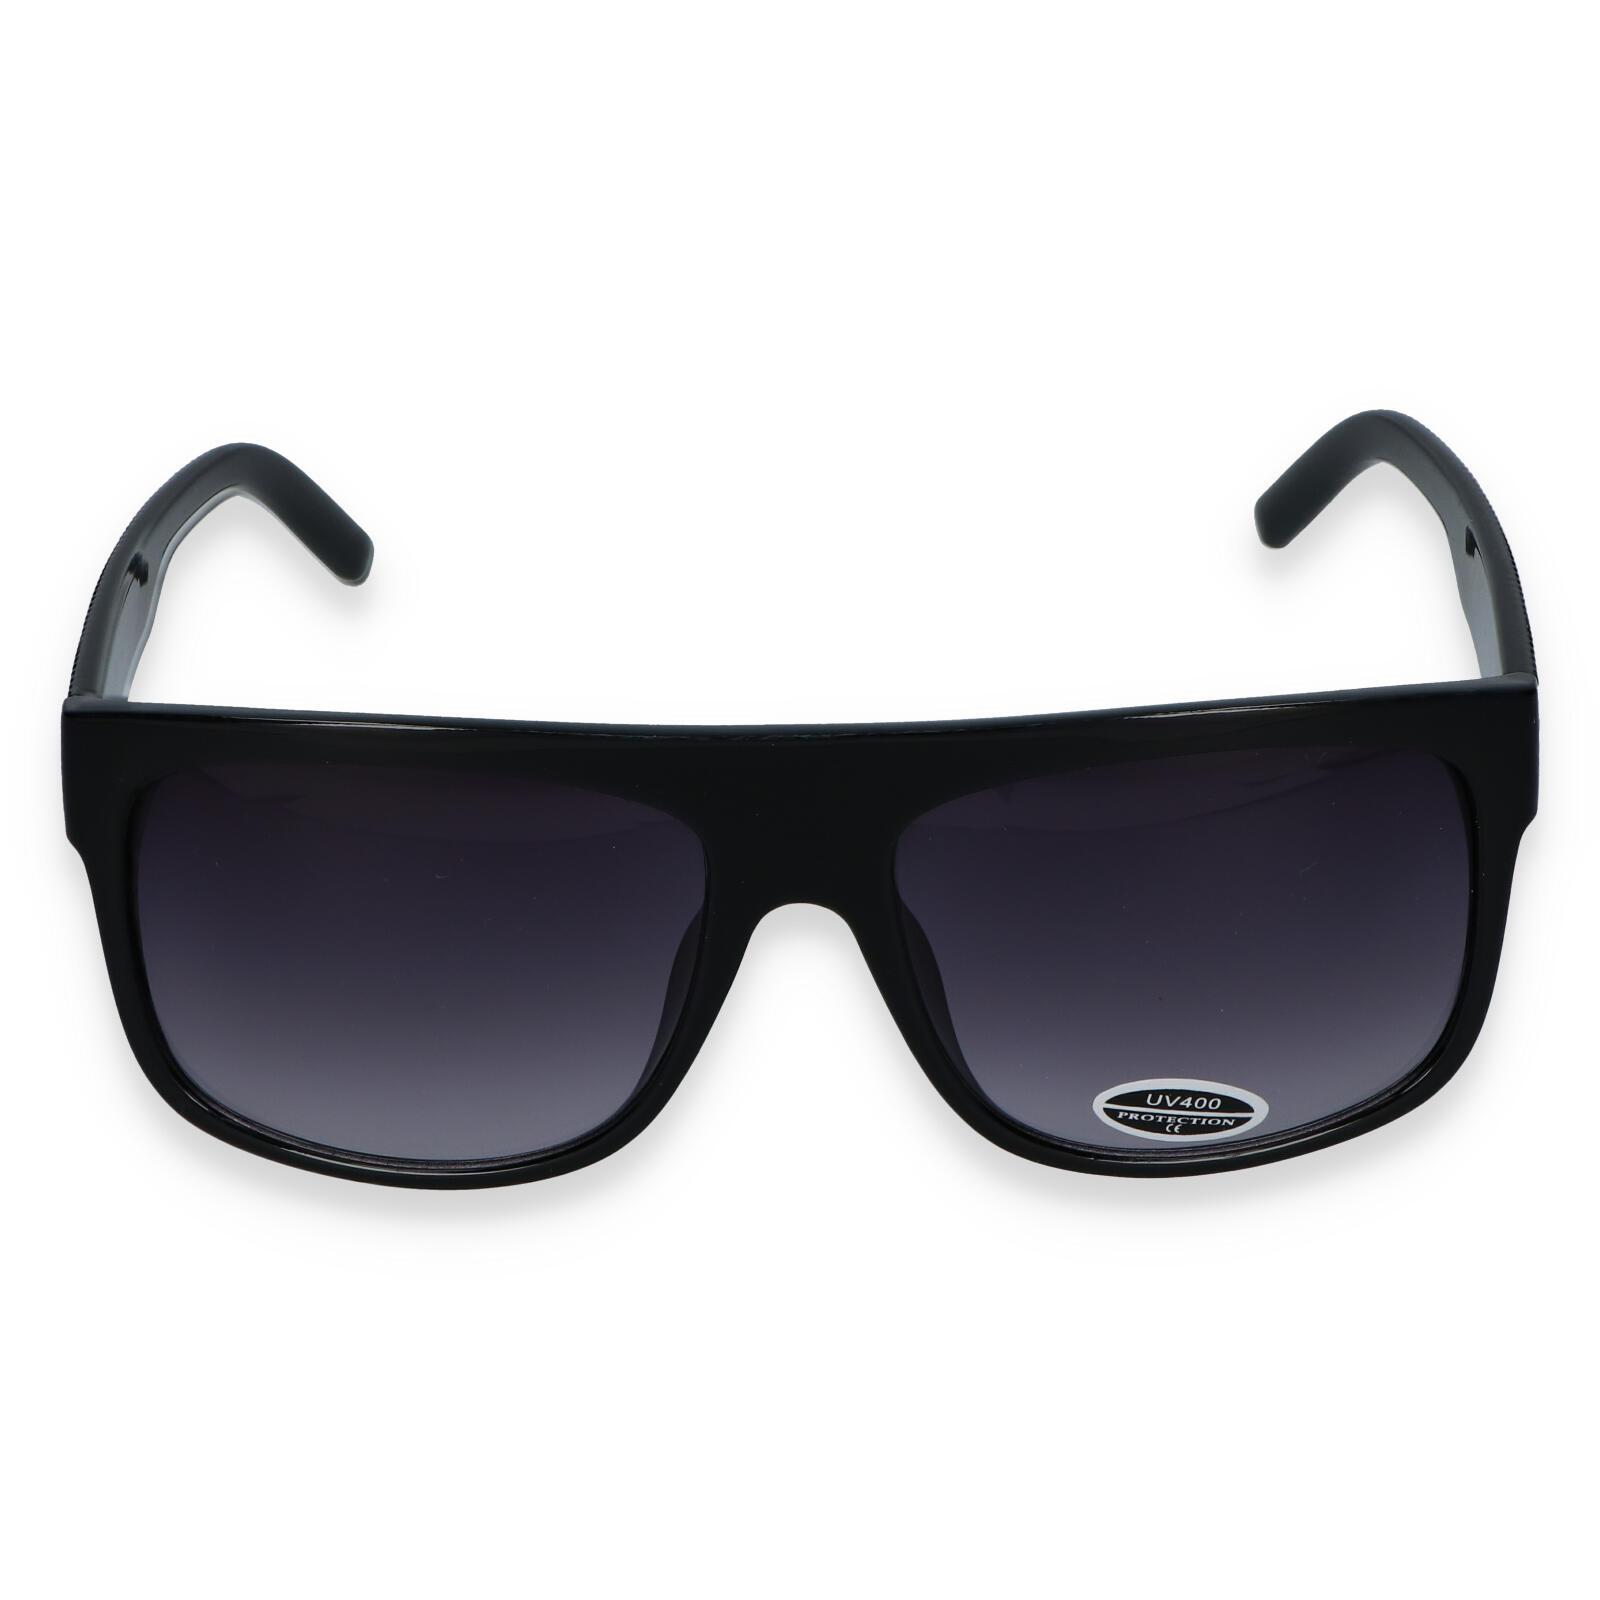 Dámské sluneční brýle černé - S2103